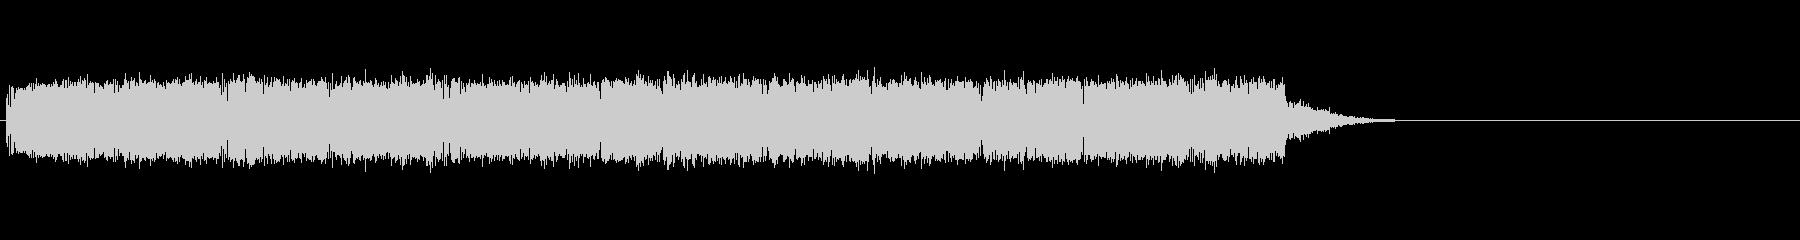 デロデロの未再生の波形